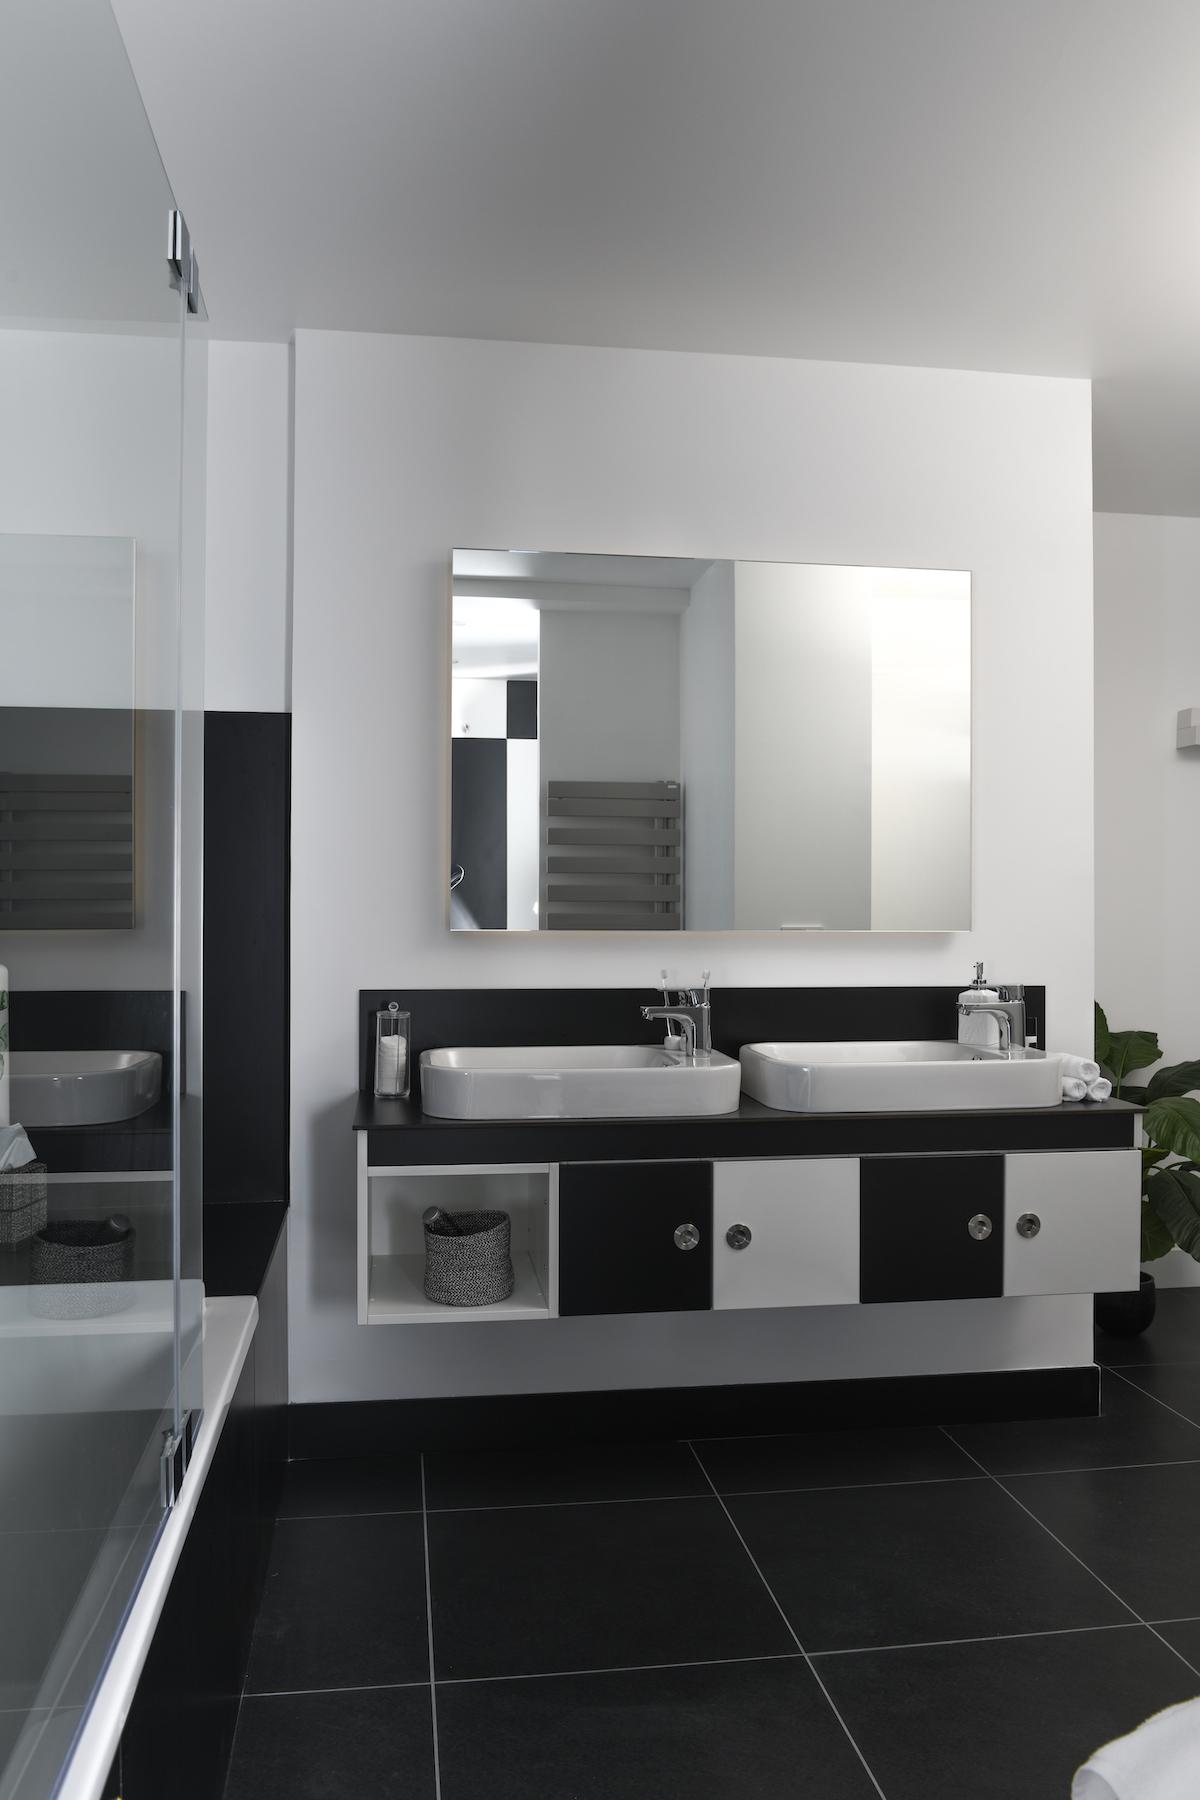 salle de bains damier noir blanc rétro design